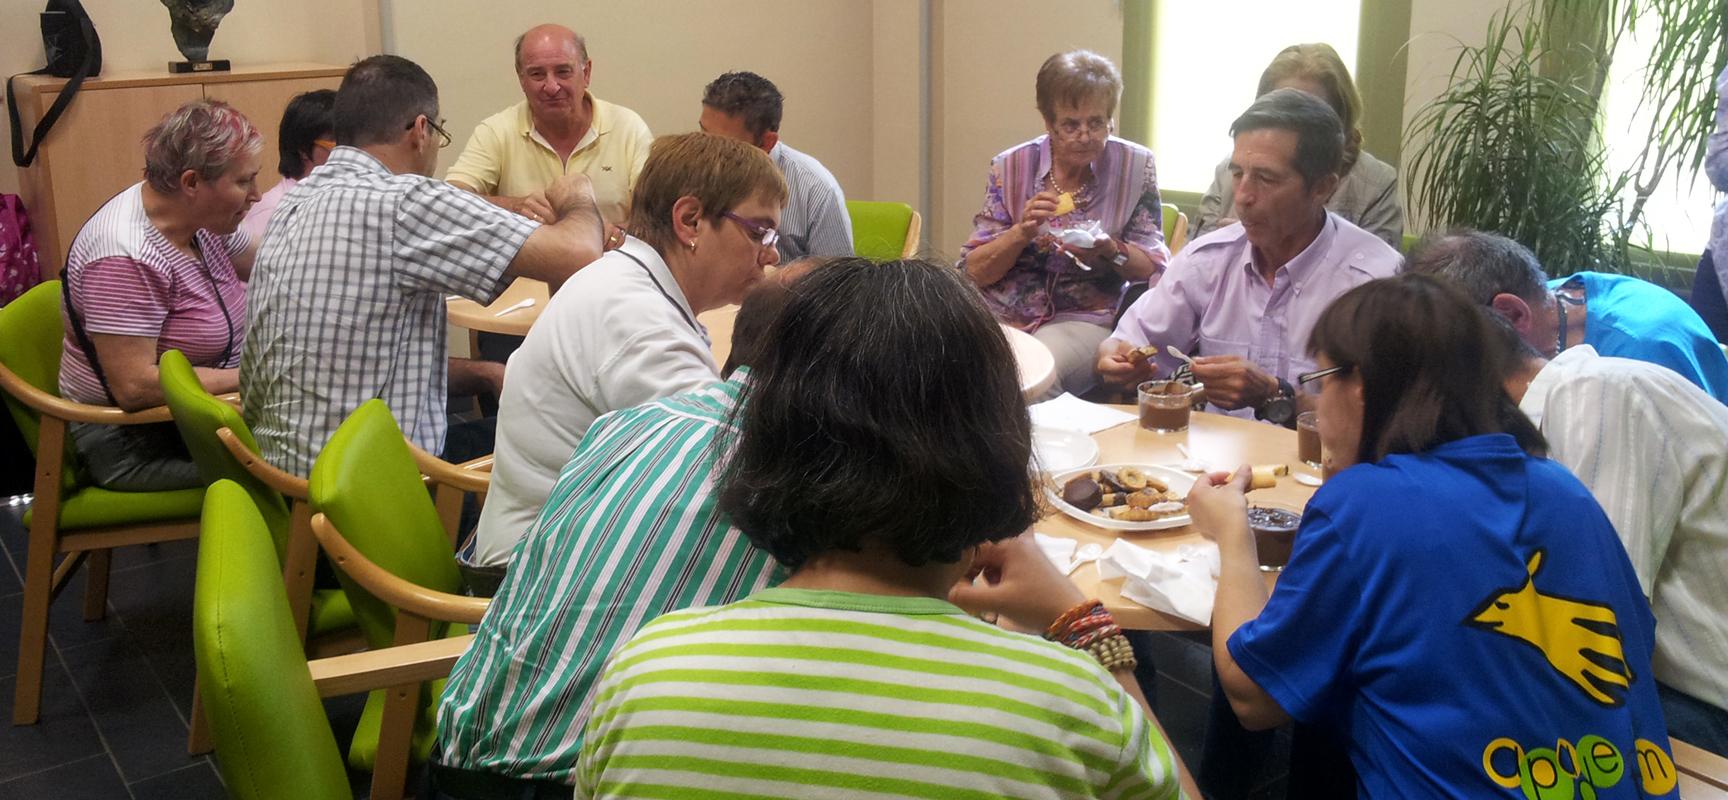 Los usuarios de Apadefim invitaron a los voluntarios a una merienda en el Centro Mar de Pinares.